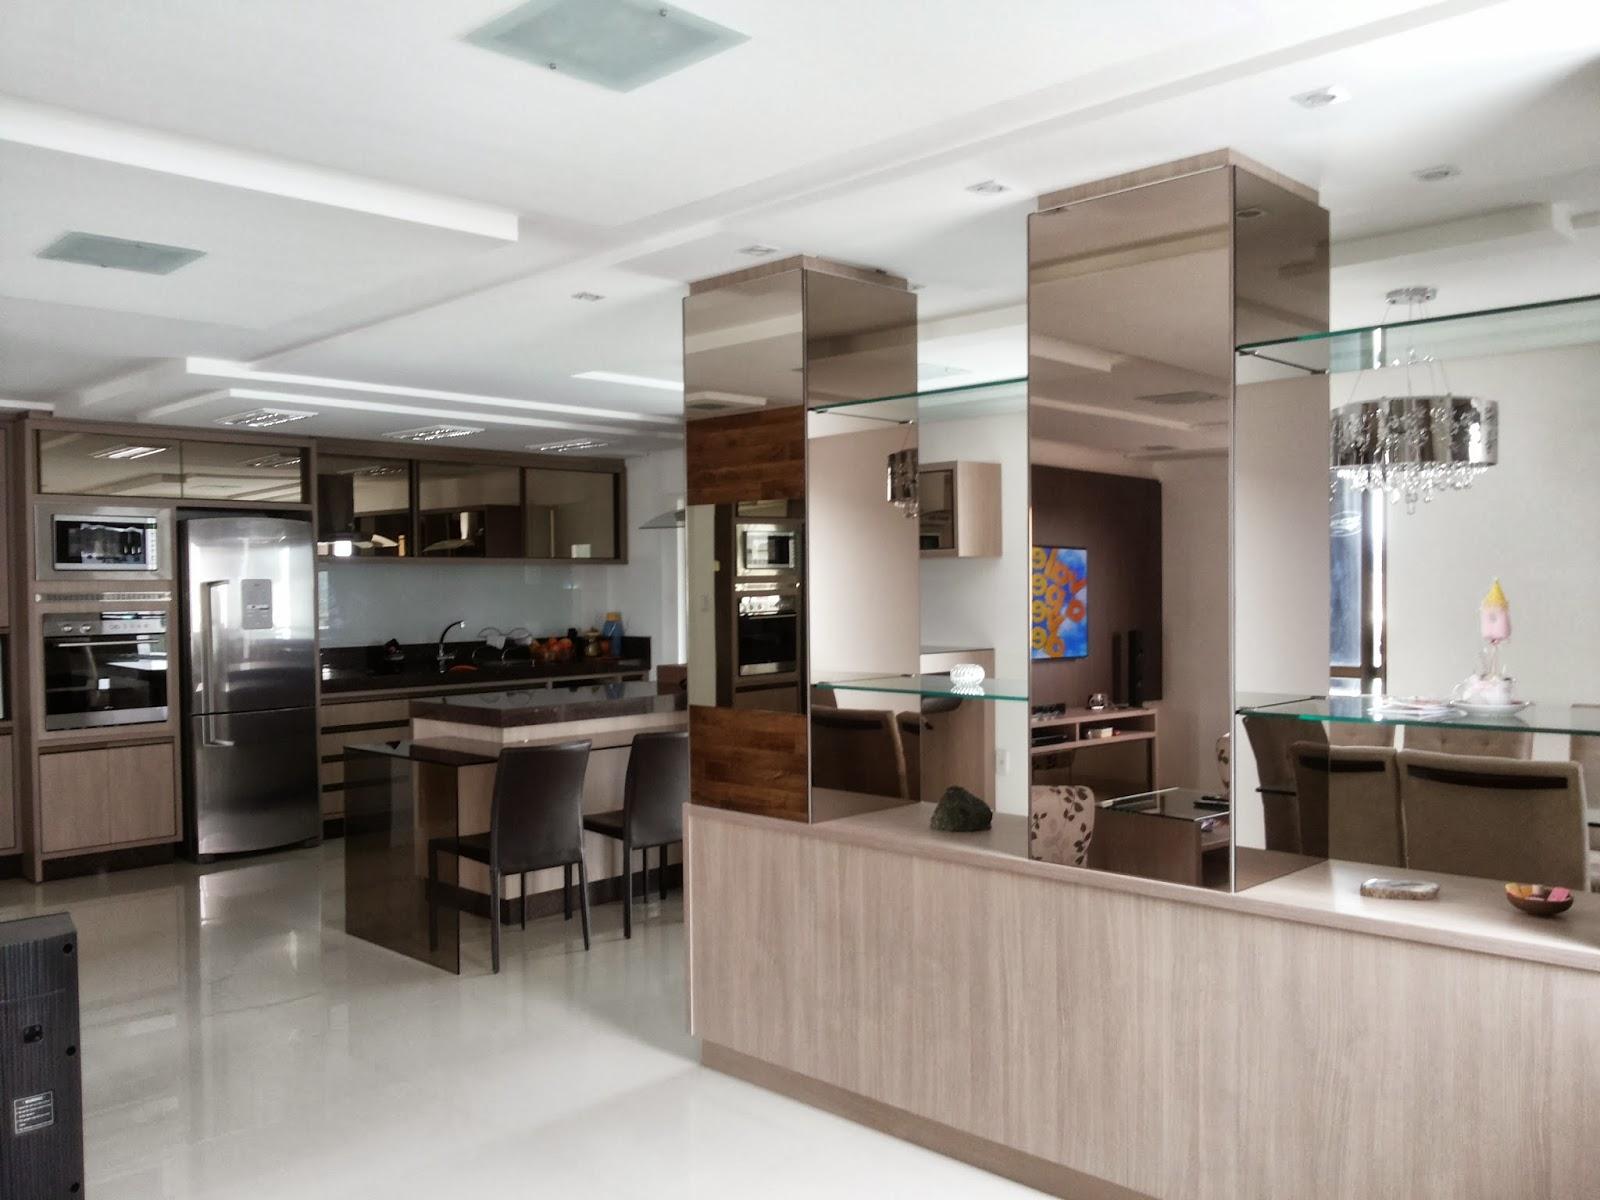 Cozinha integrada #312820 1600 1200